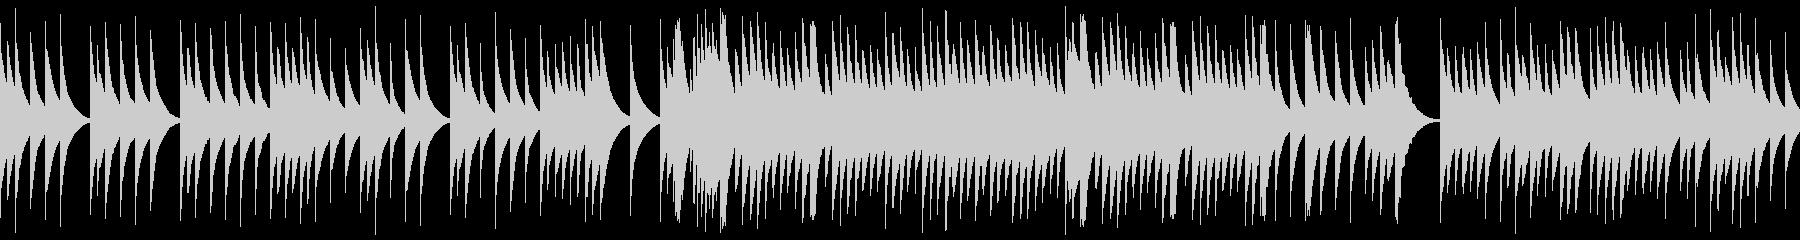 ジブリのようなオルゴール(チェレスタ)の未再生の波形